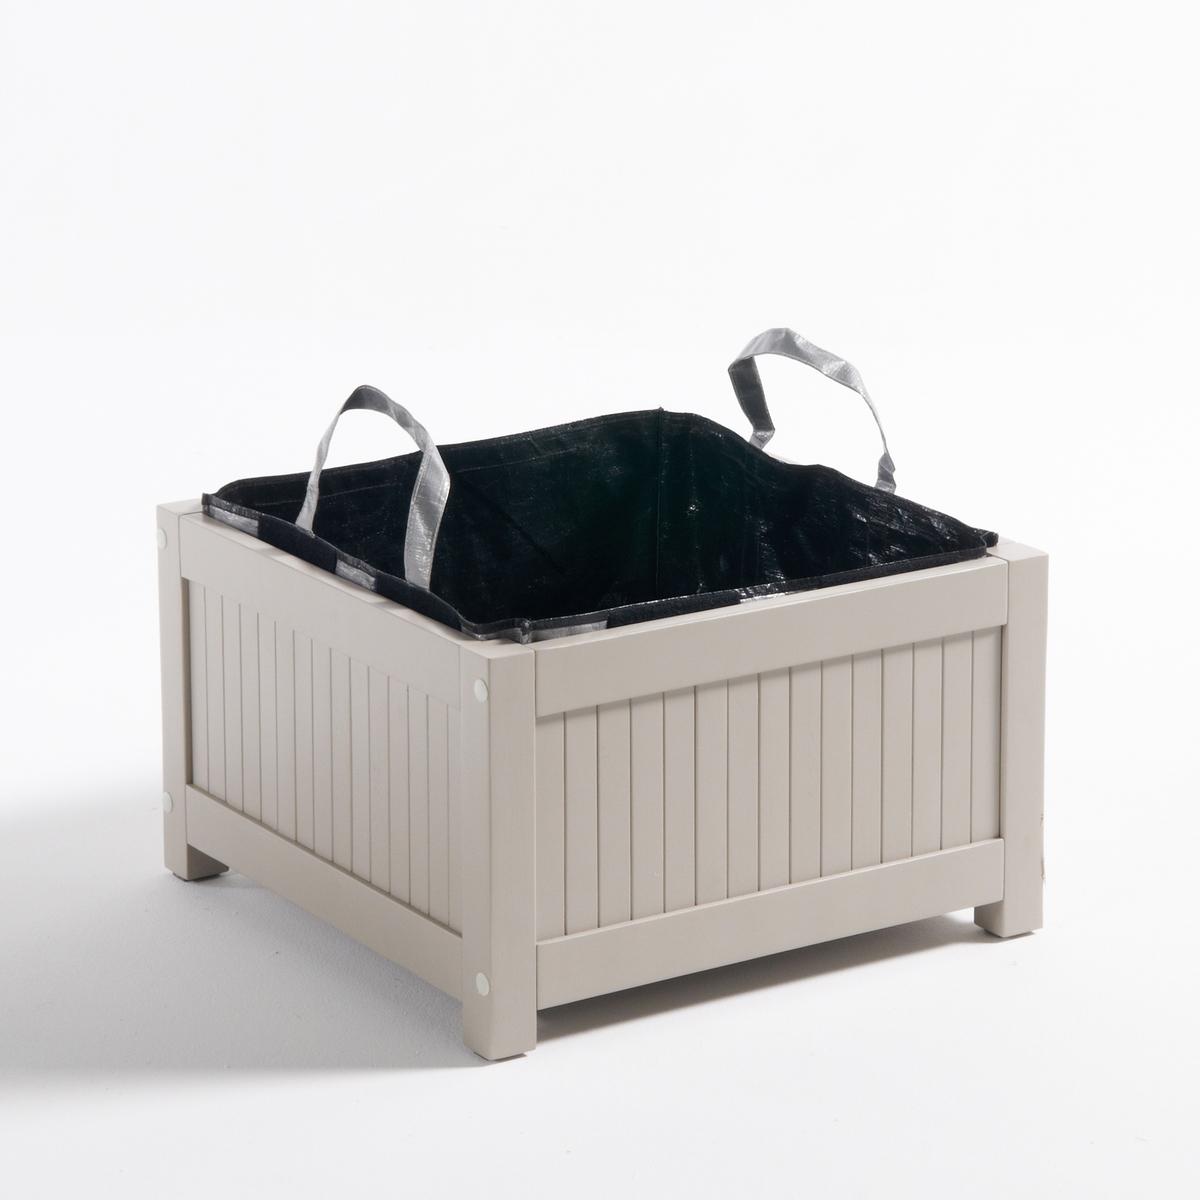 Ящик для посадки овощей из акации, MantaОписание ящика для посадки овощей из акации Manta :Акация, акриловая краска, цвет глины.Поставляется с сумкой для посадки овощей из плетеного полиэтилена.Всю коллекцию Manta вы можете найти на сайте laredoute.ruРазмеры ящика для посадки овощей :Общие размерыШирина : 50 см.Высота : 30 смДлина : 50 смВнутренние размеры. ящика :42 x 42 x 42 смРазмеры и вес упаковки :1 упаковка 64,5 x 53 x 9 см7,3 кгДоставка:<br><br>Цвет: серо-синий